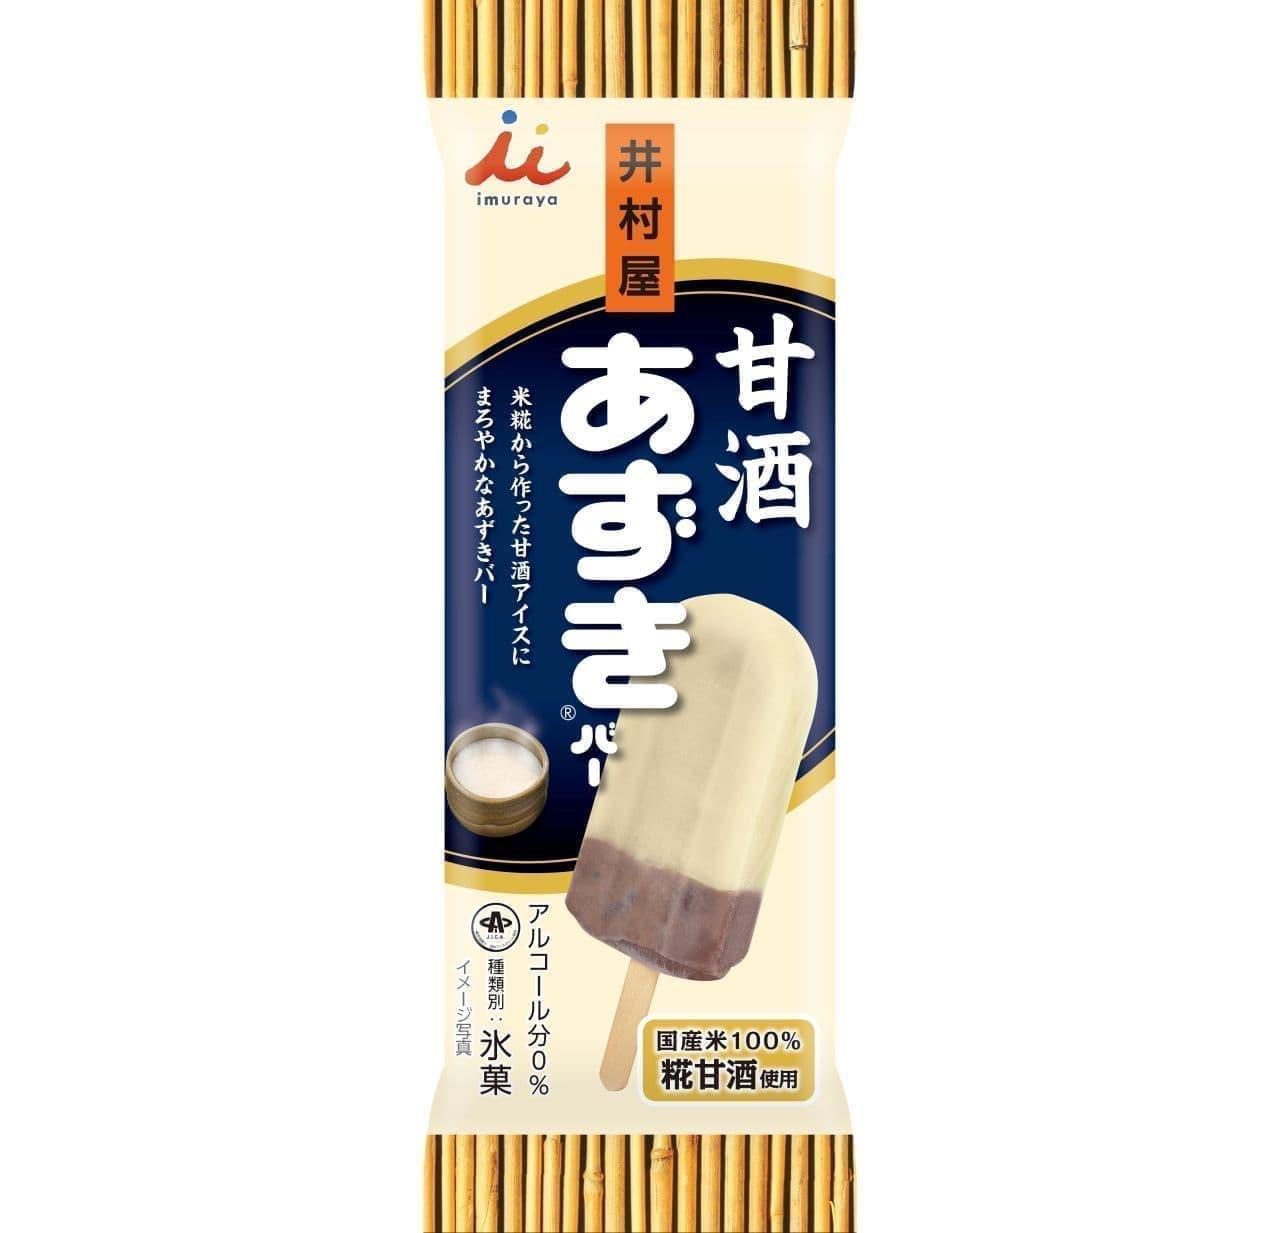 井村屋「甘酒アイスバー」